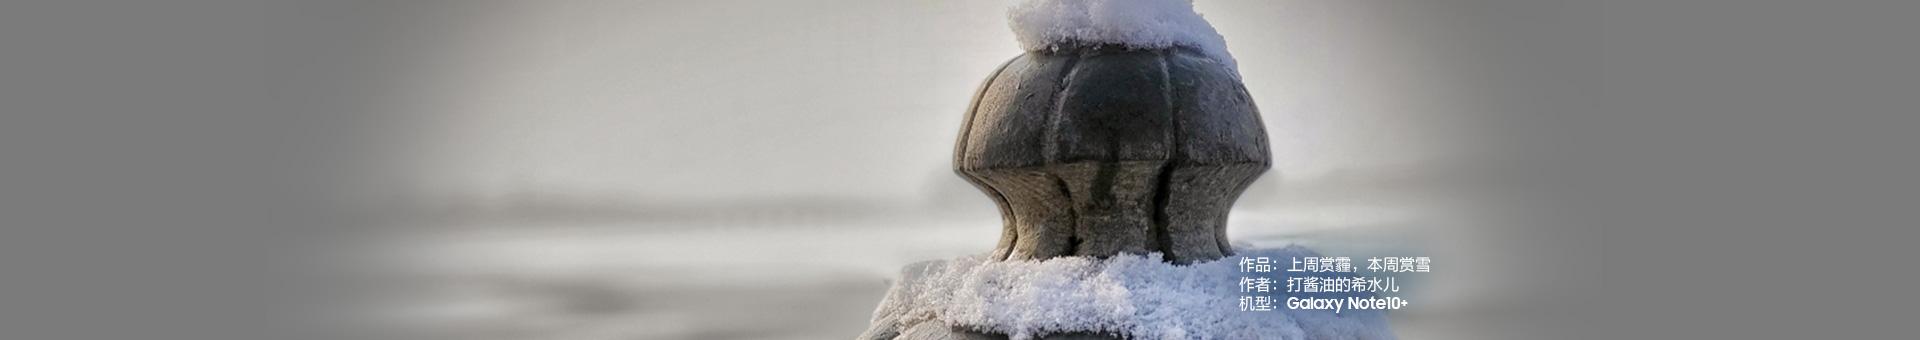 上周赏霾,本周赏雪